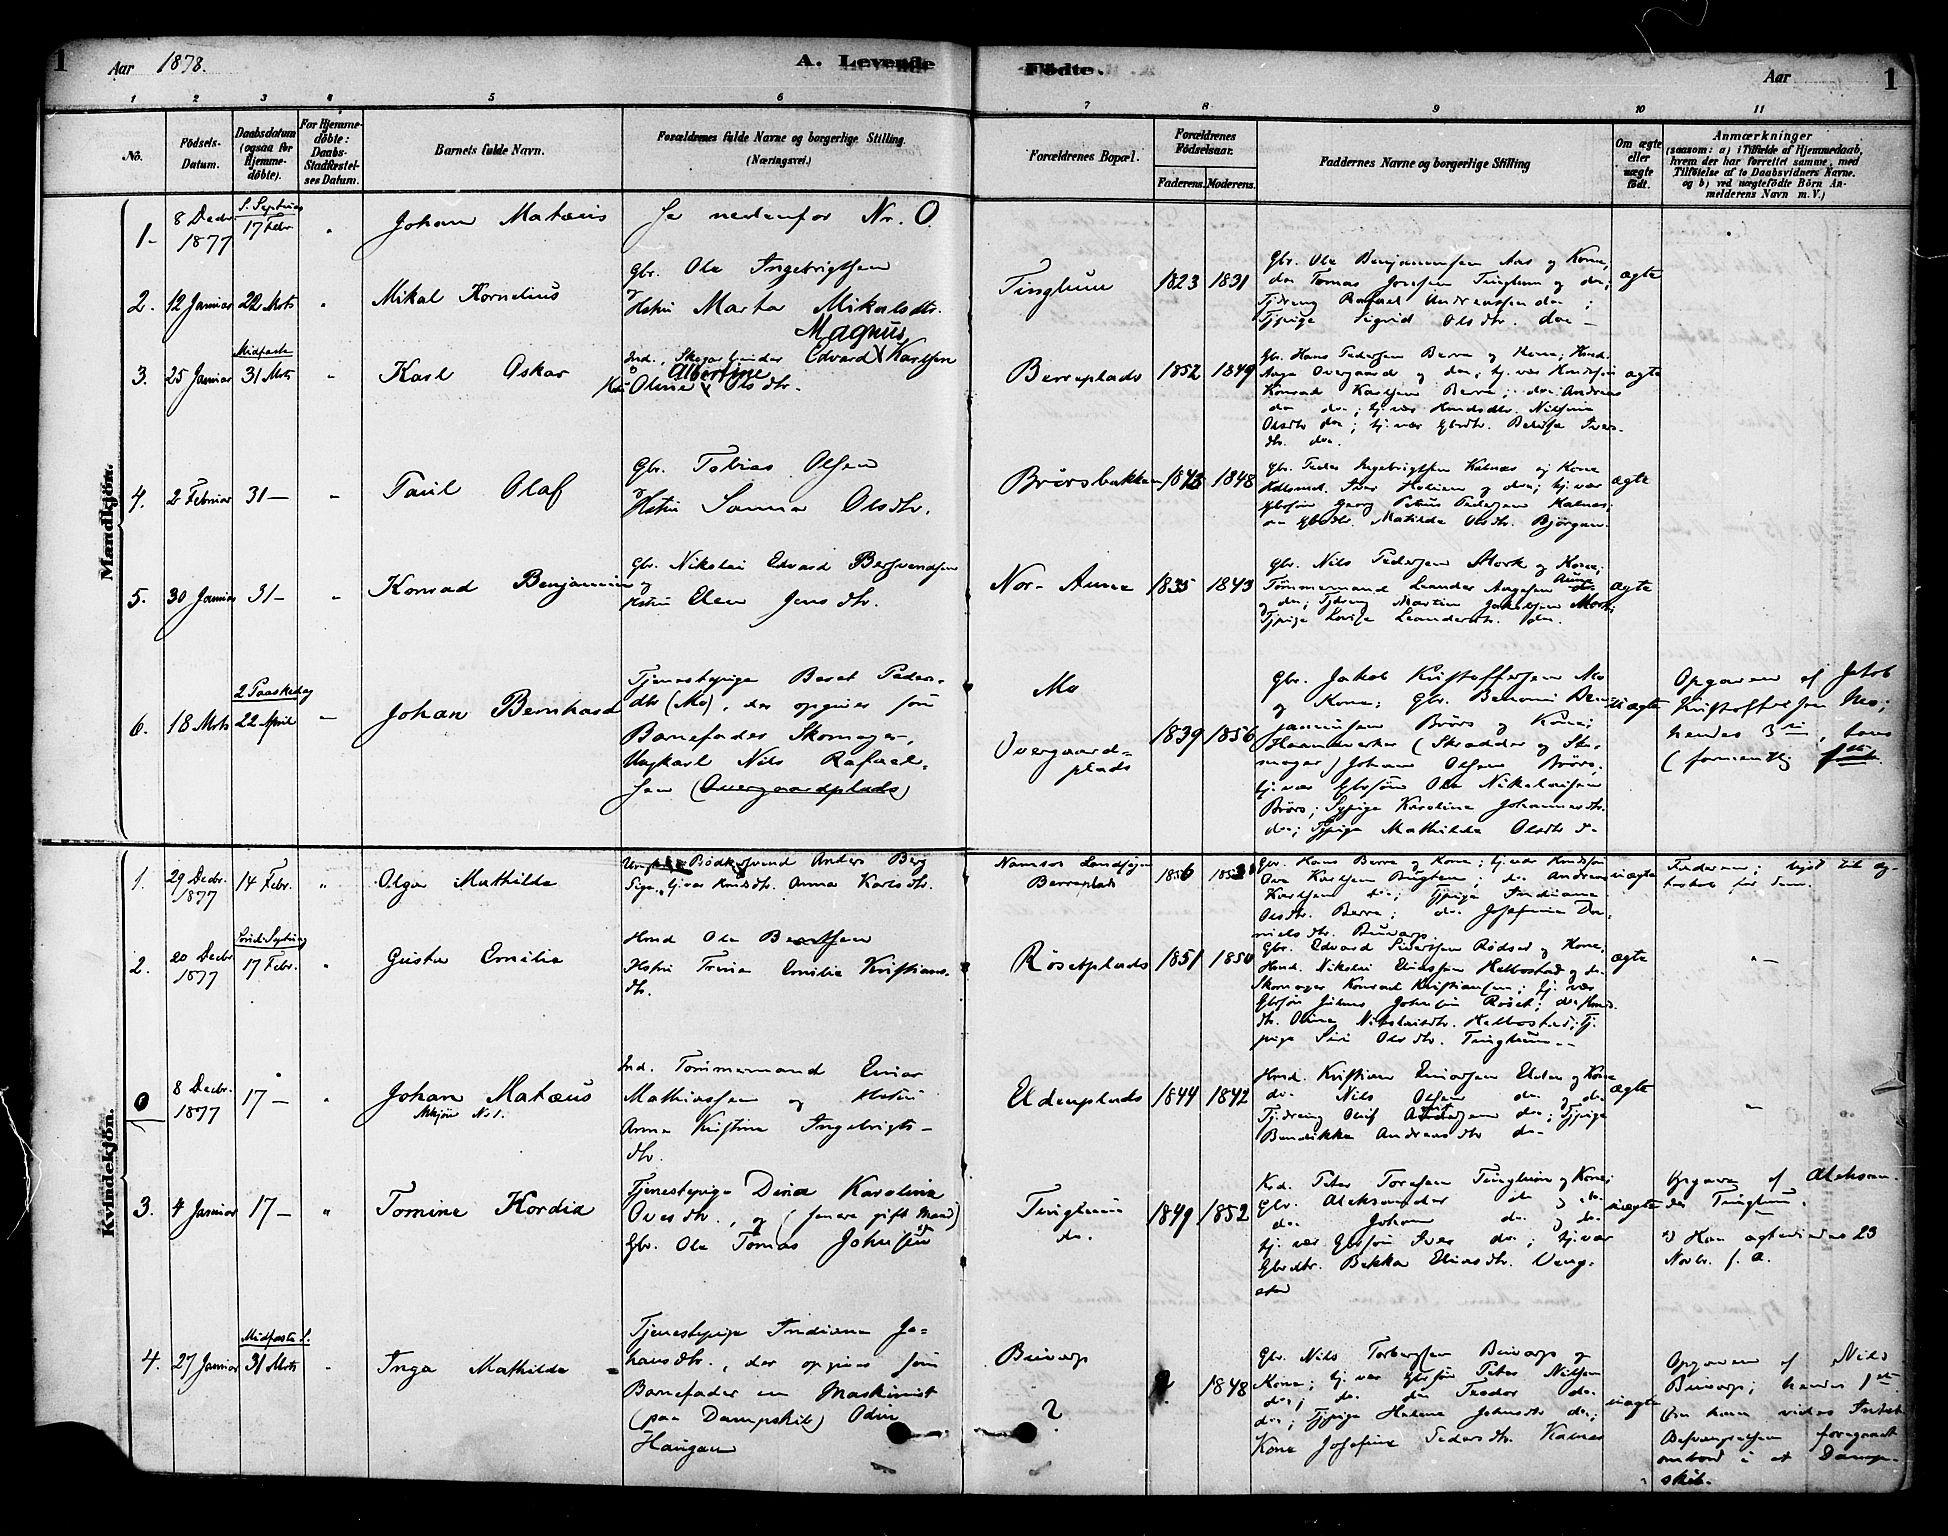 SAT, Ministerialprotokoller, klokkerbøker og fødselsregistre - Nord-Trøndelag, 742/L0408: Ministerialbok nr. 742A01, 1878-1890, s. 1